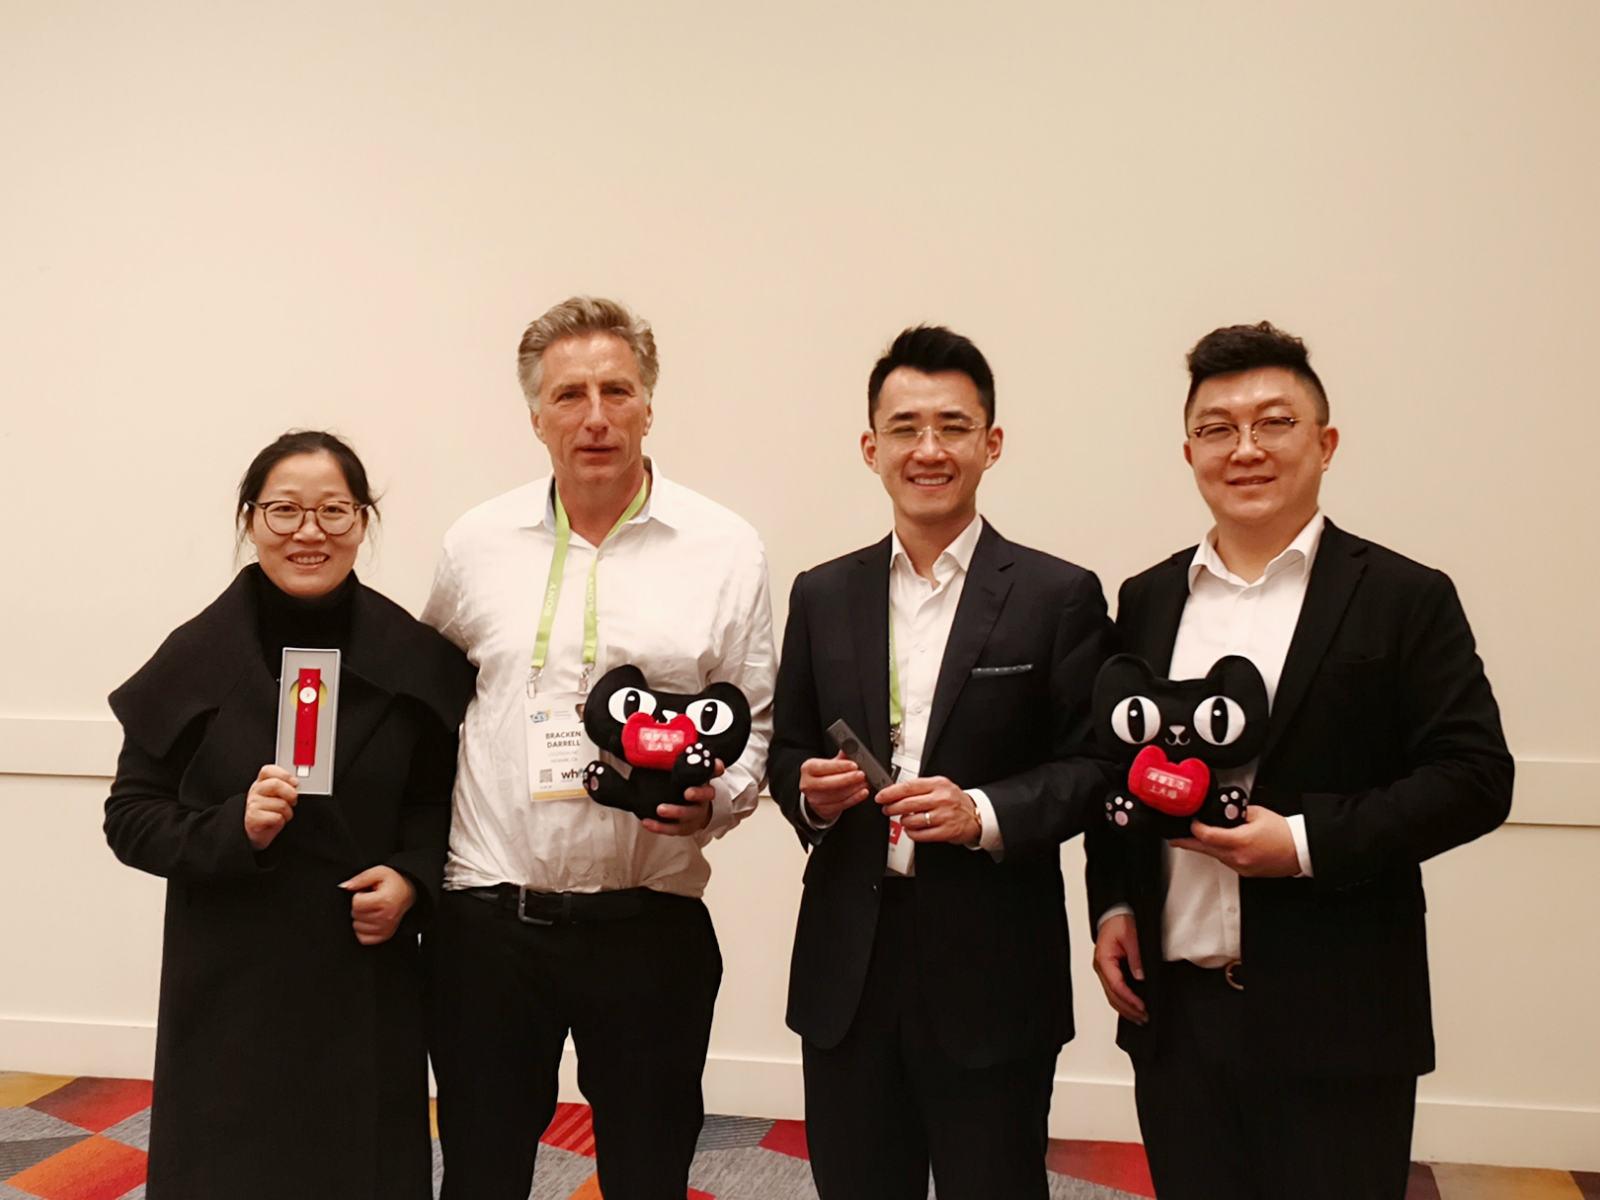 CES2018大展科技新品扎堆天猫首发